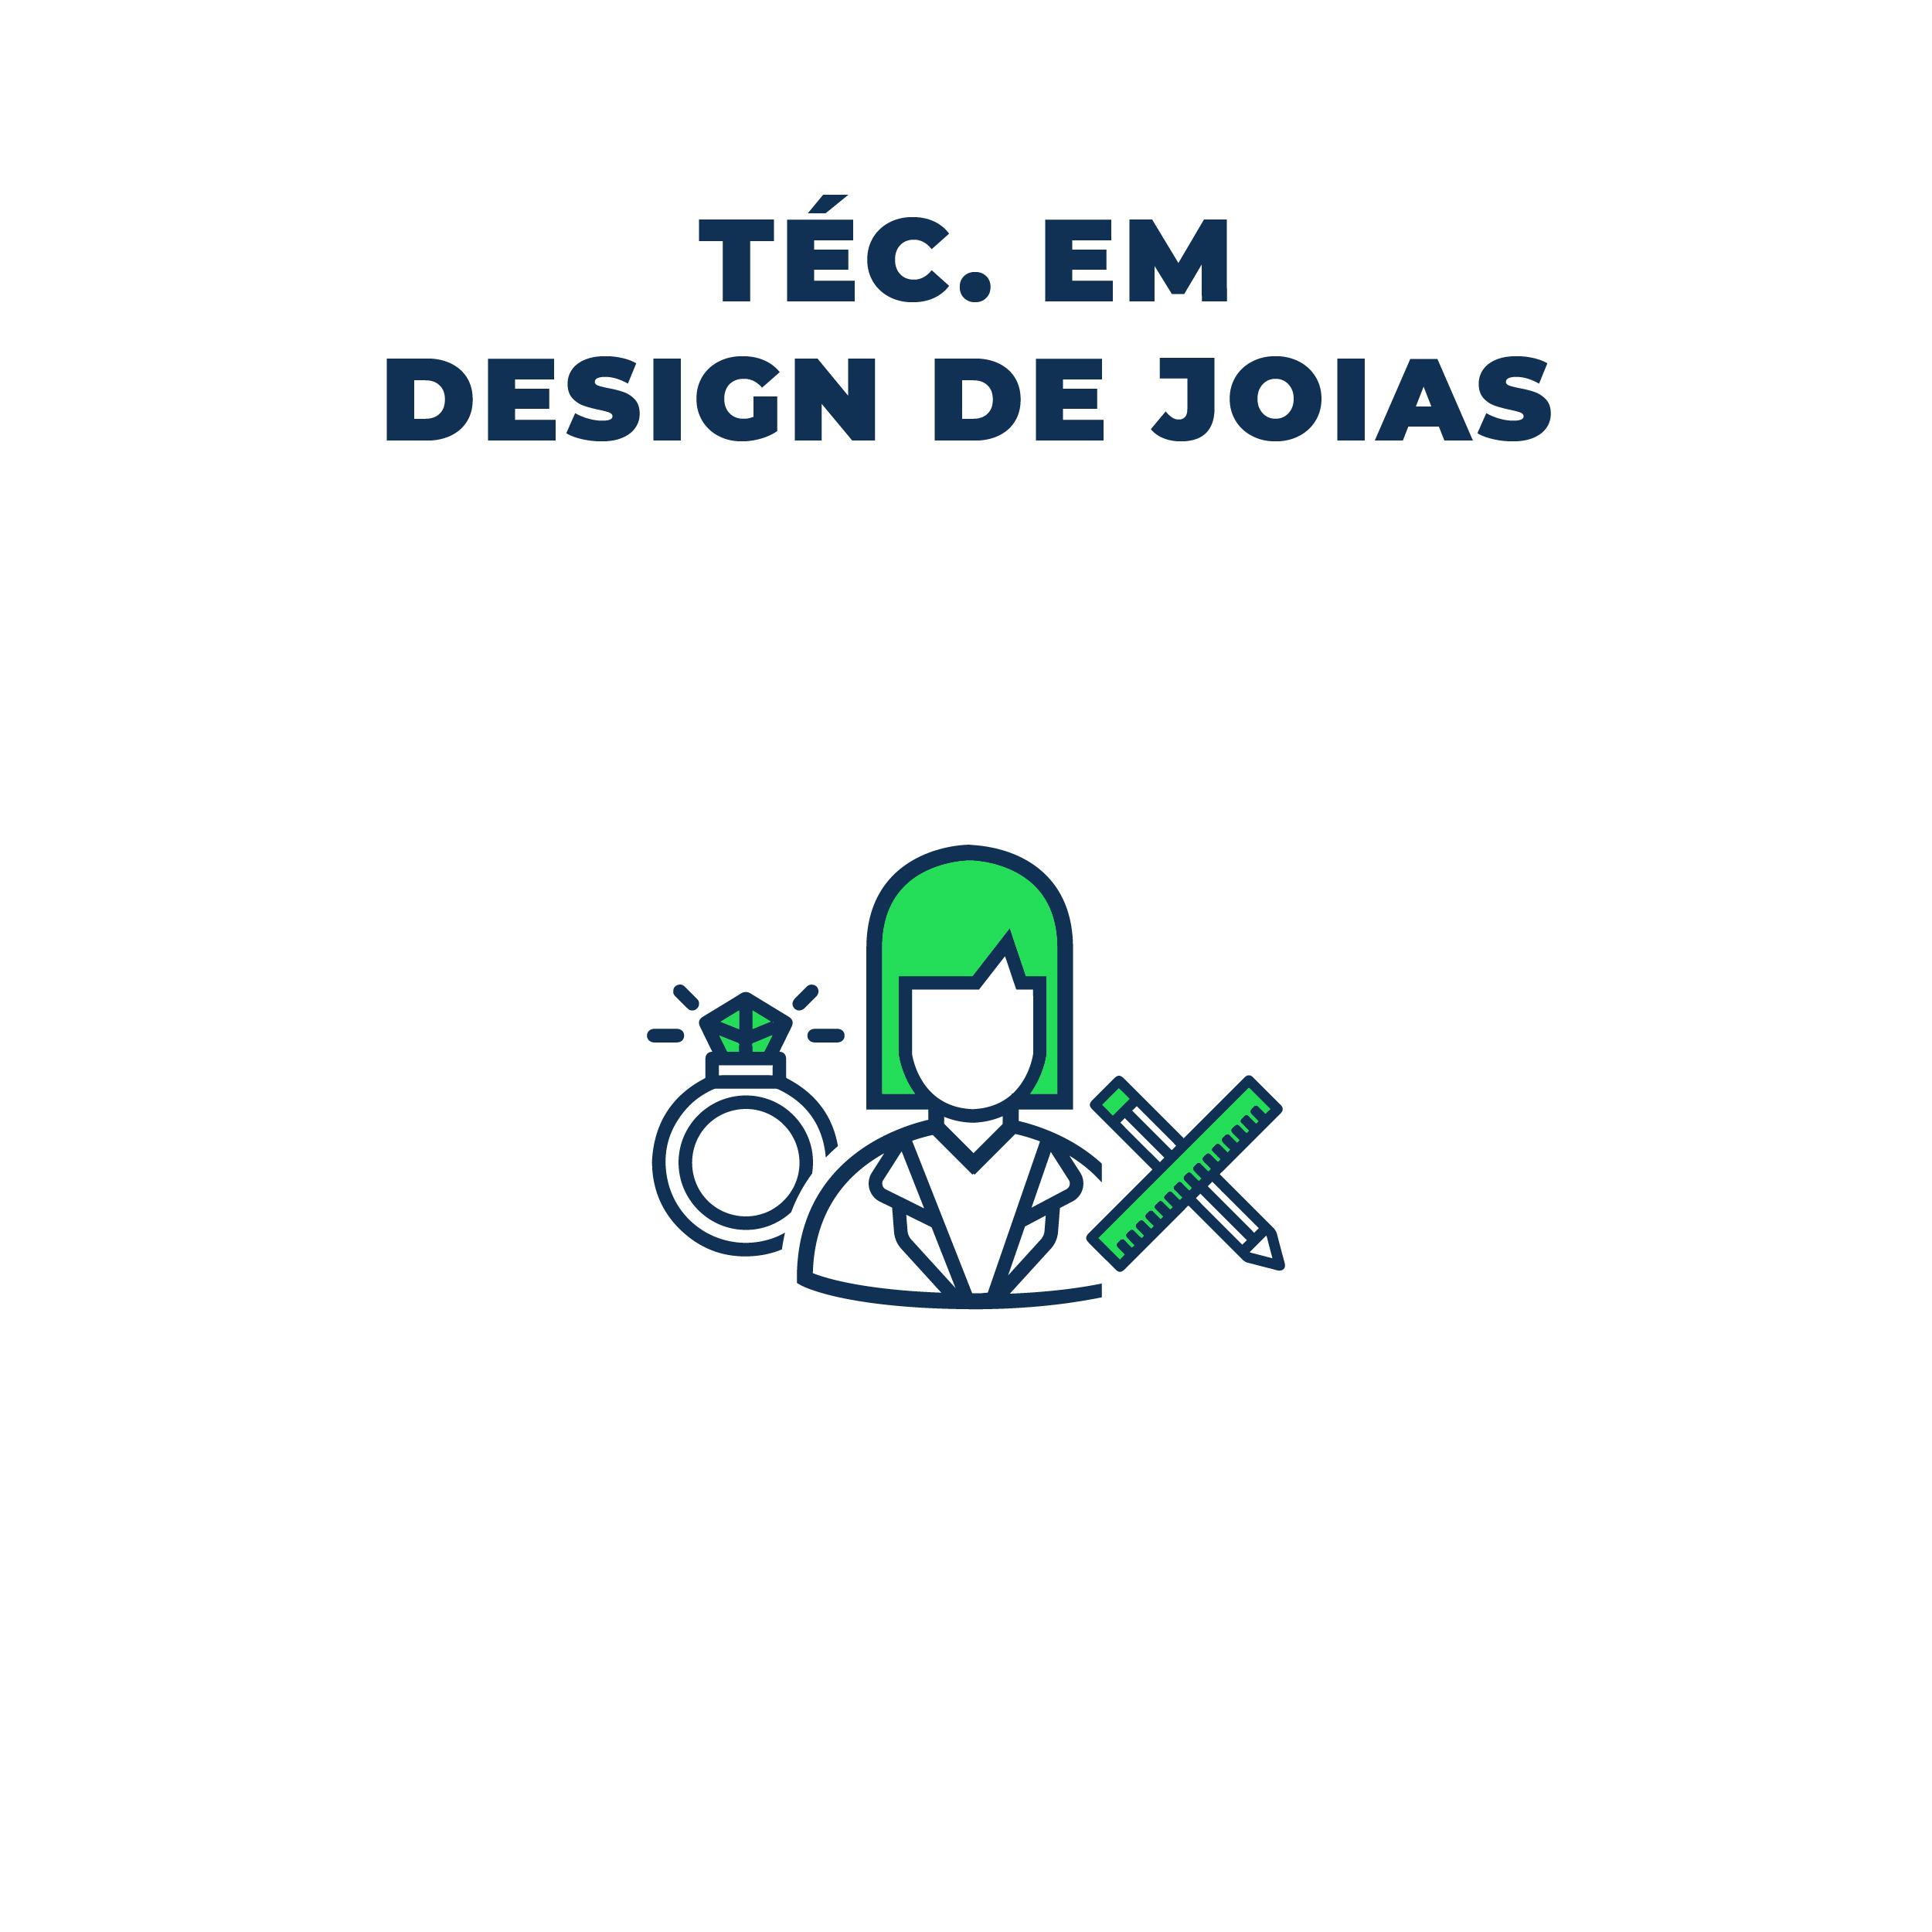 design de joais